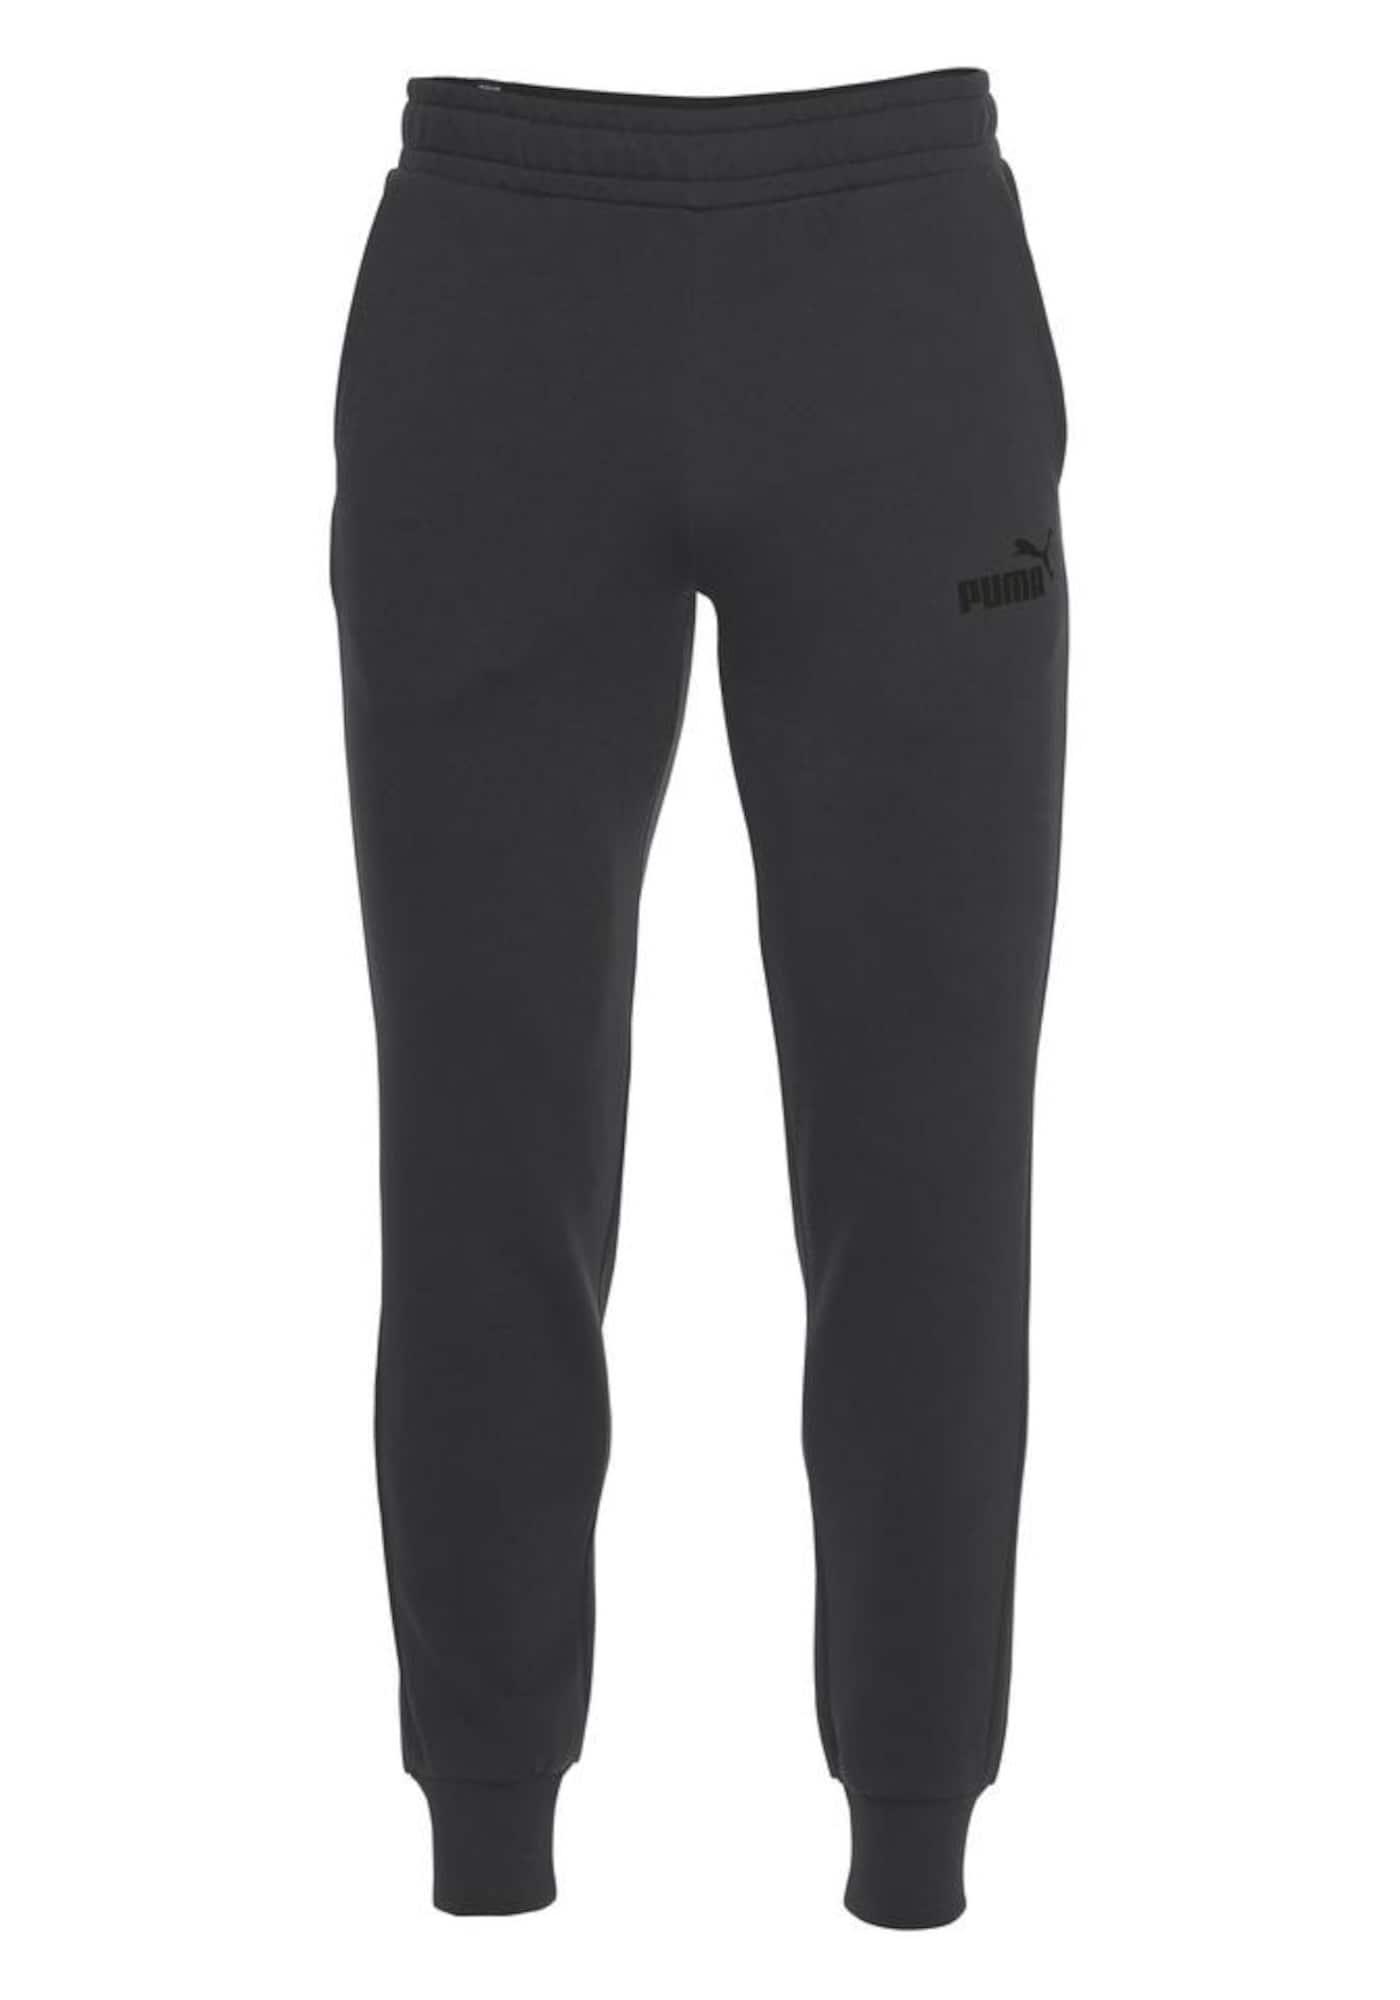 PUMA Sportinės kelnės antracito